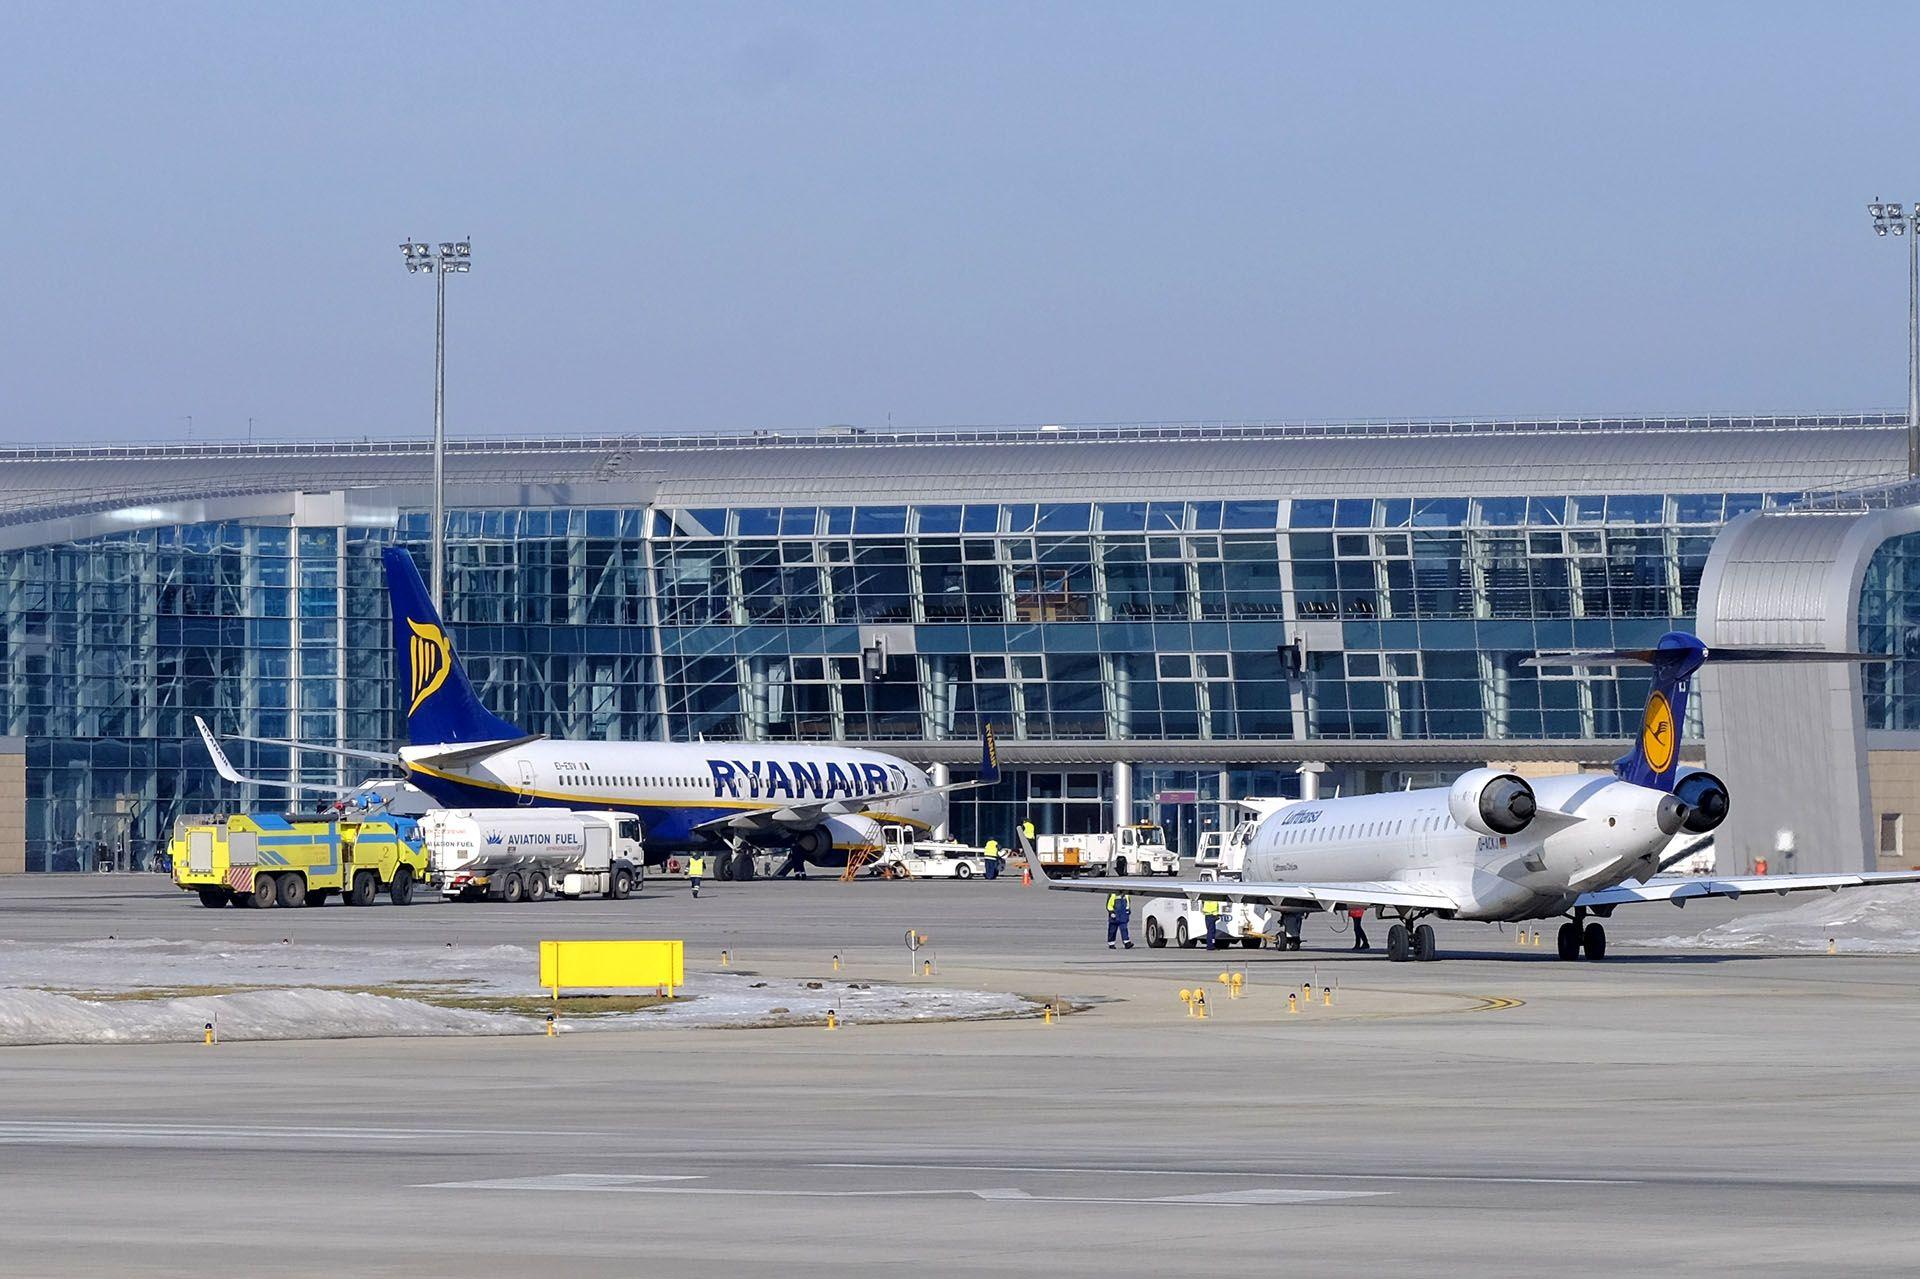 Літак, який сидить на злітно-посадочної смуги в аеропорту